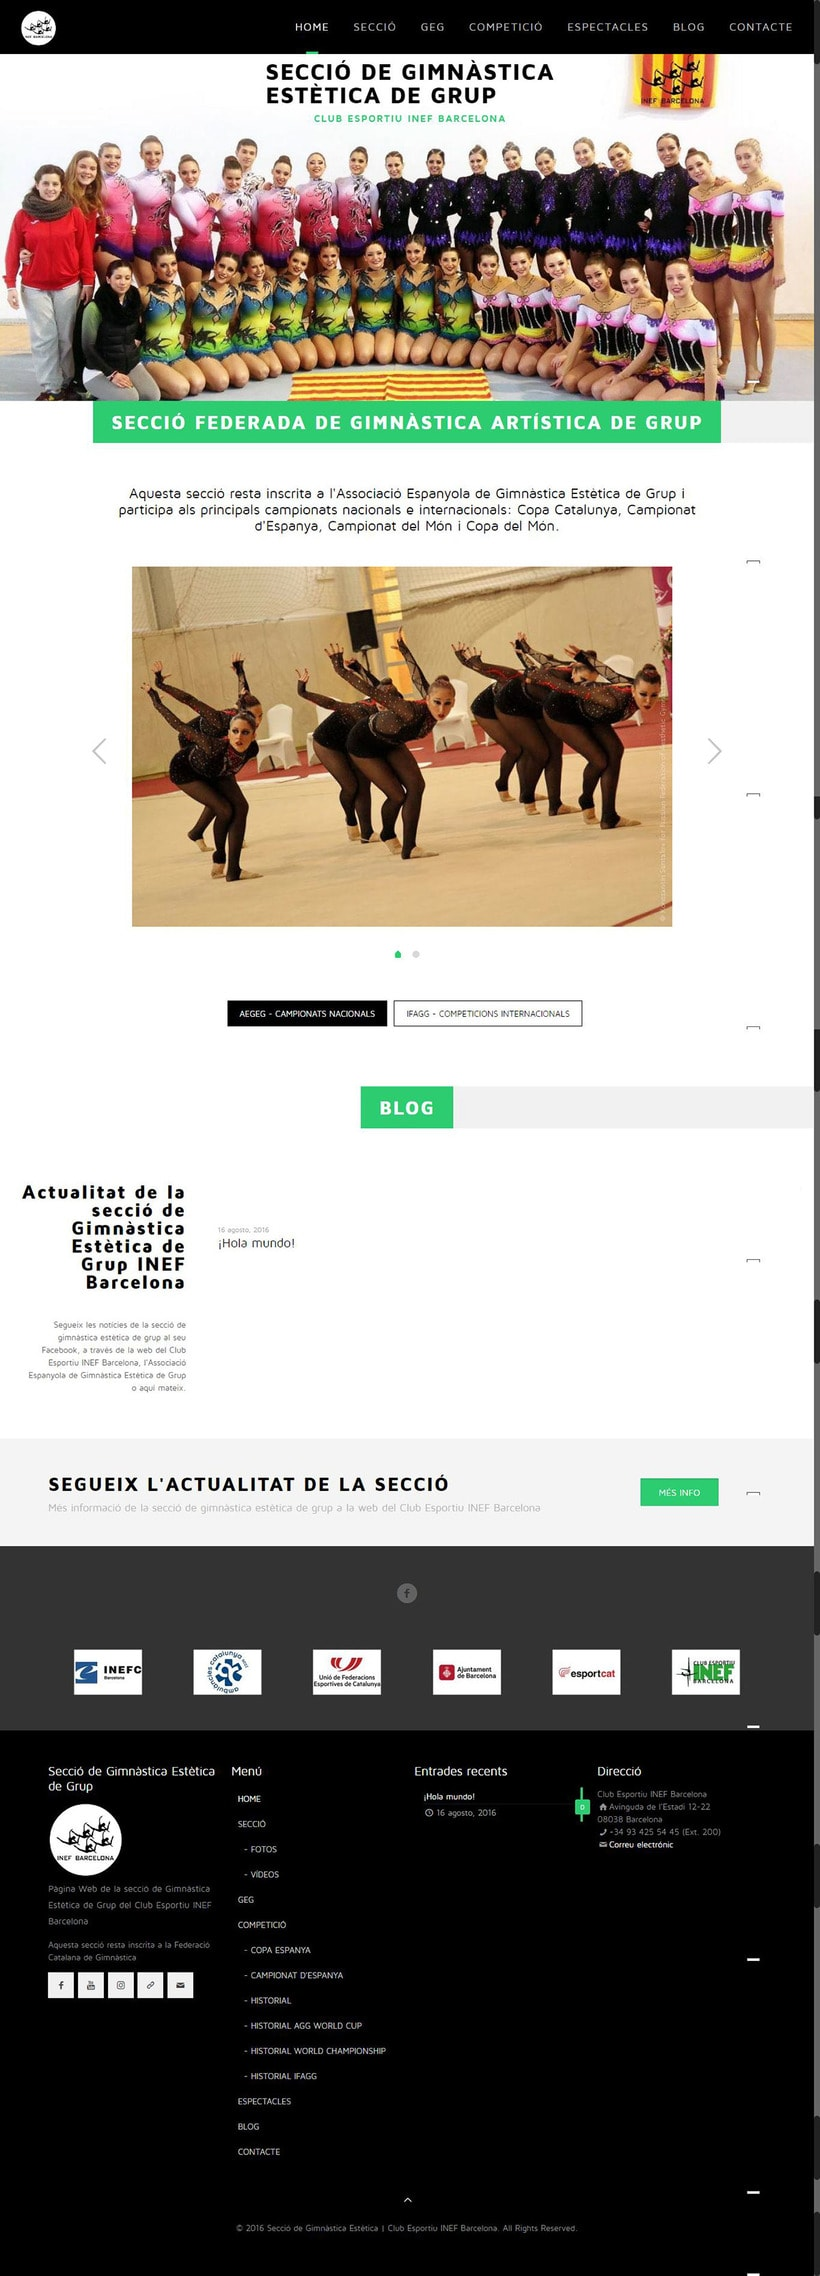 Web de les Seccions del Club Esportiu INEF Barcelona - 2016 2